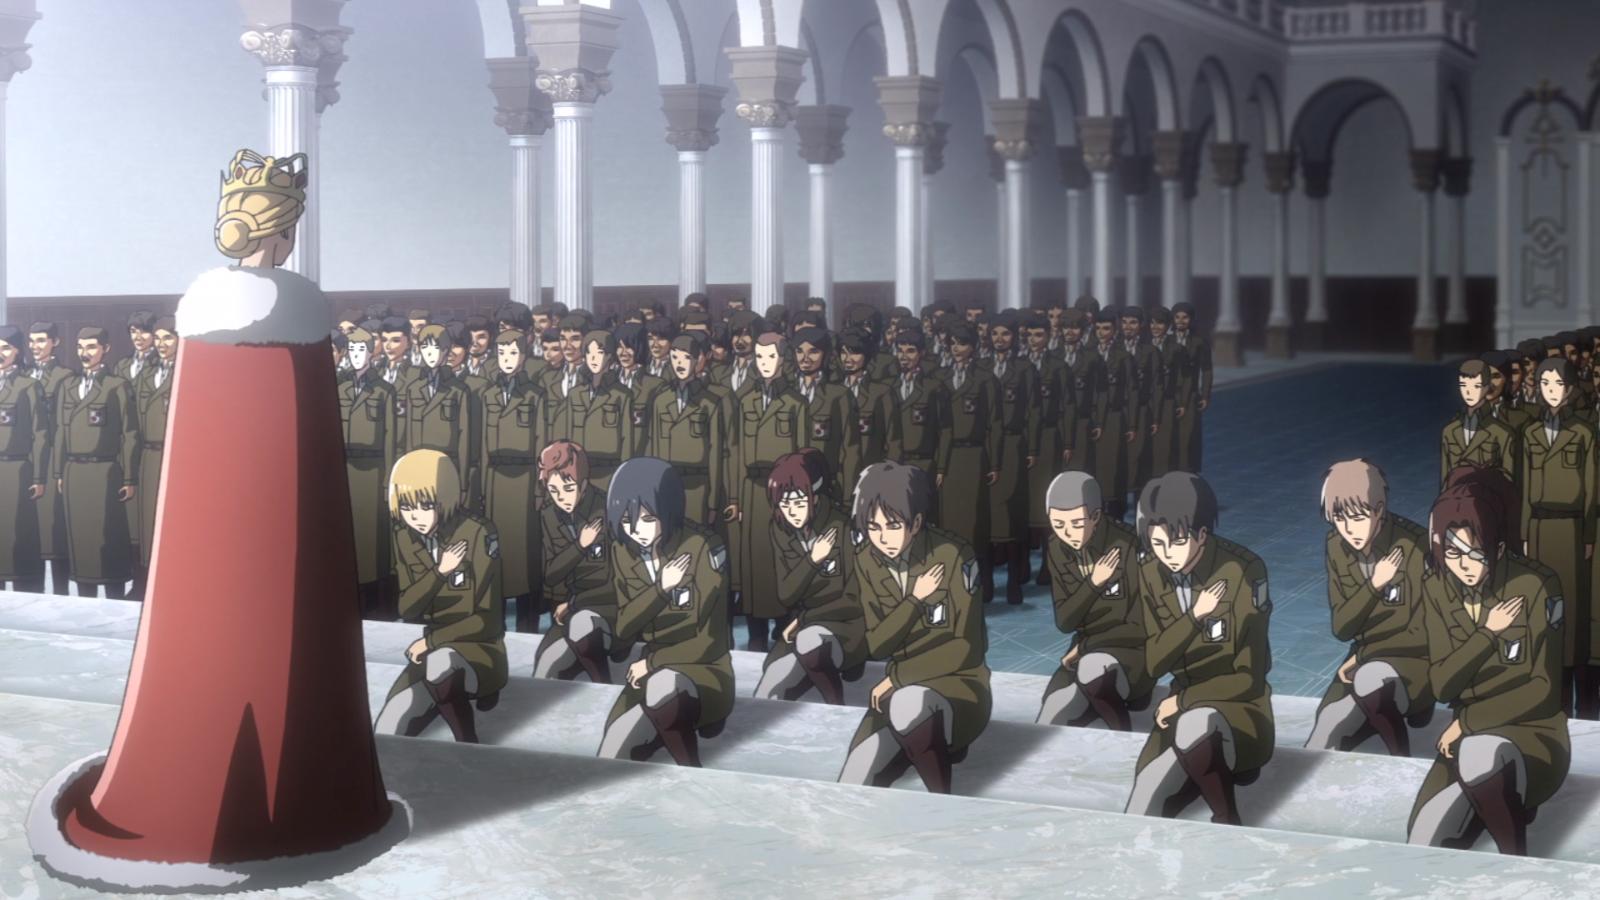 Die Soldaten knien vor Historia nieder.png